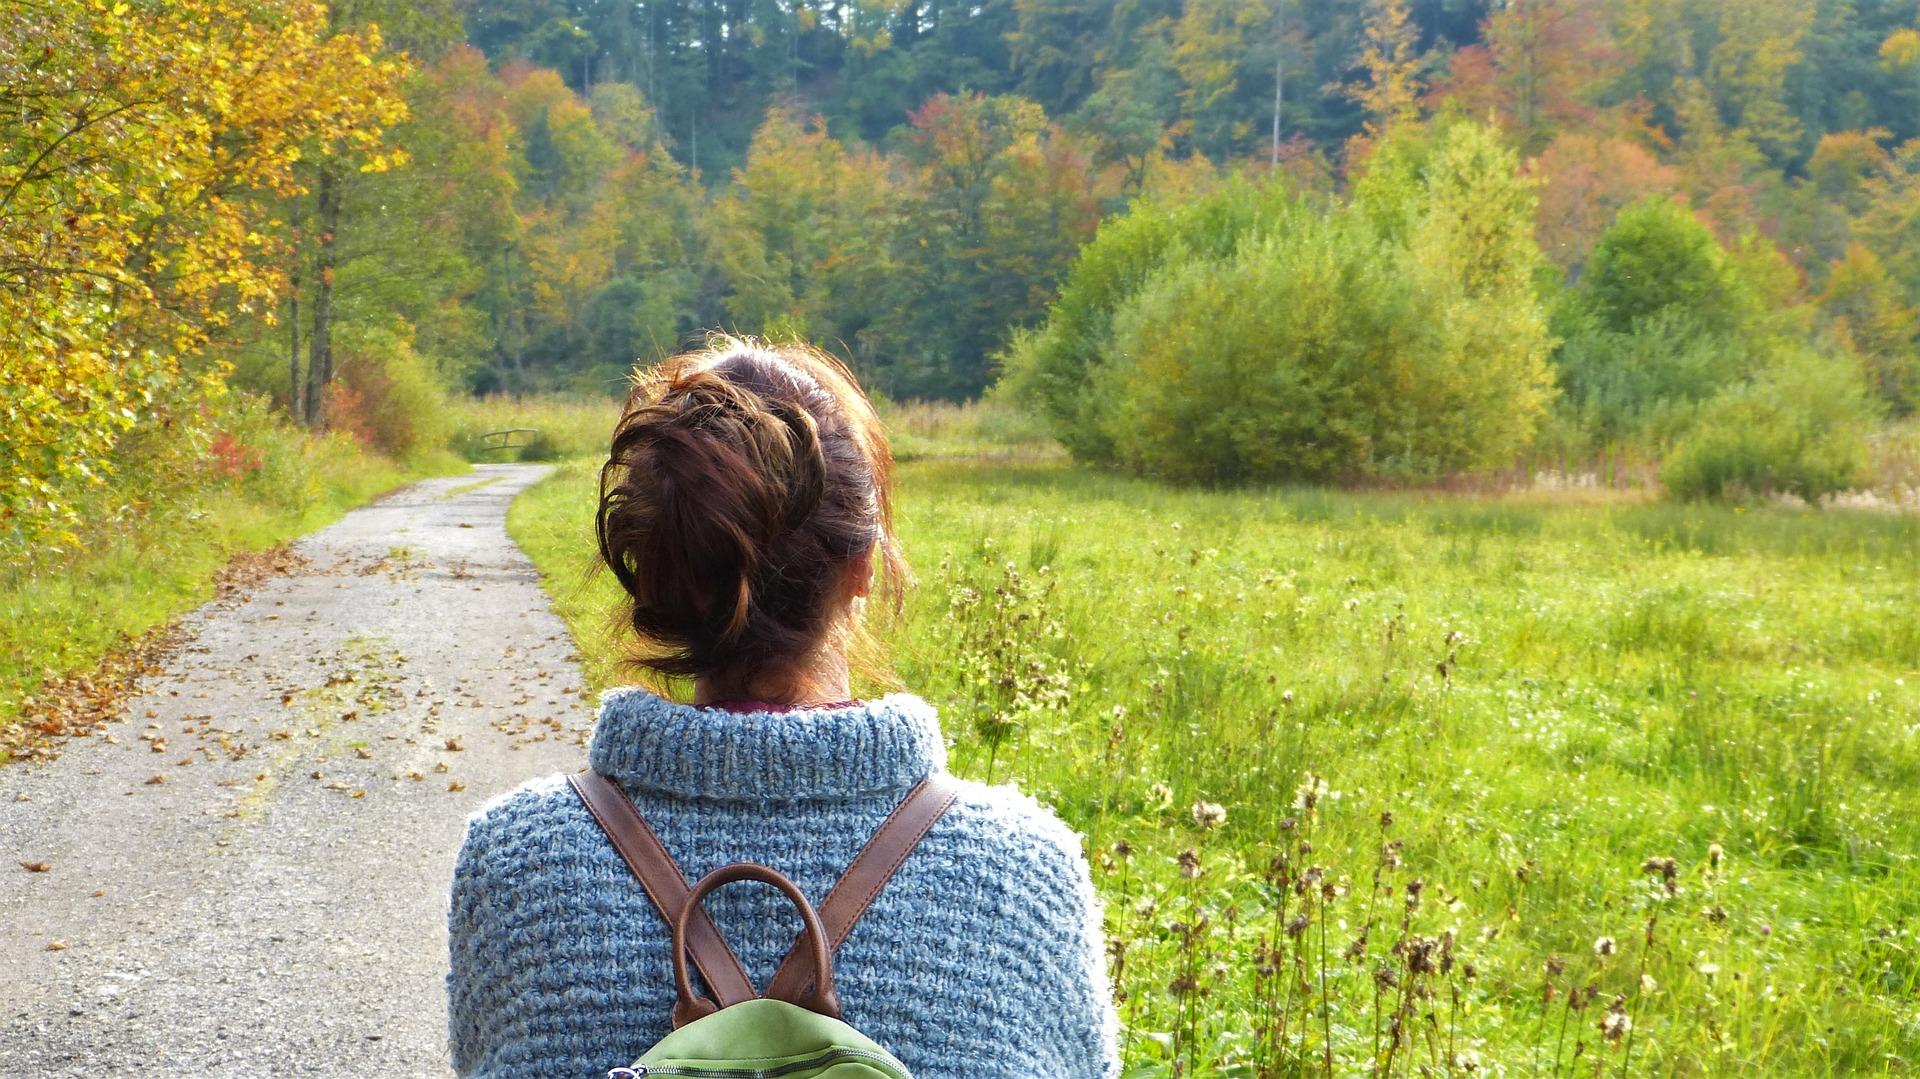 L'altro cammino: donne in pellegrinaggio nel mondo e in se stesse